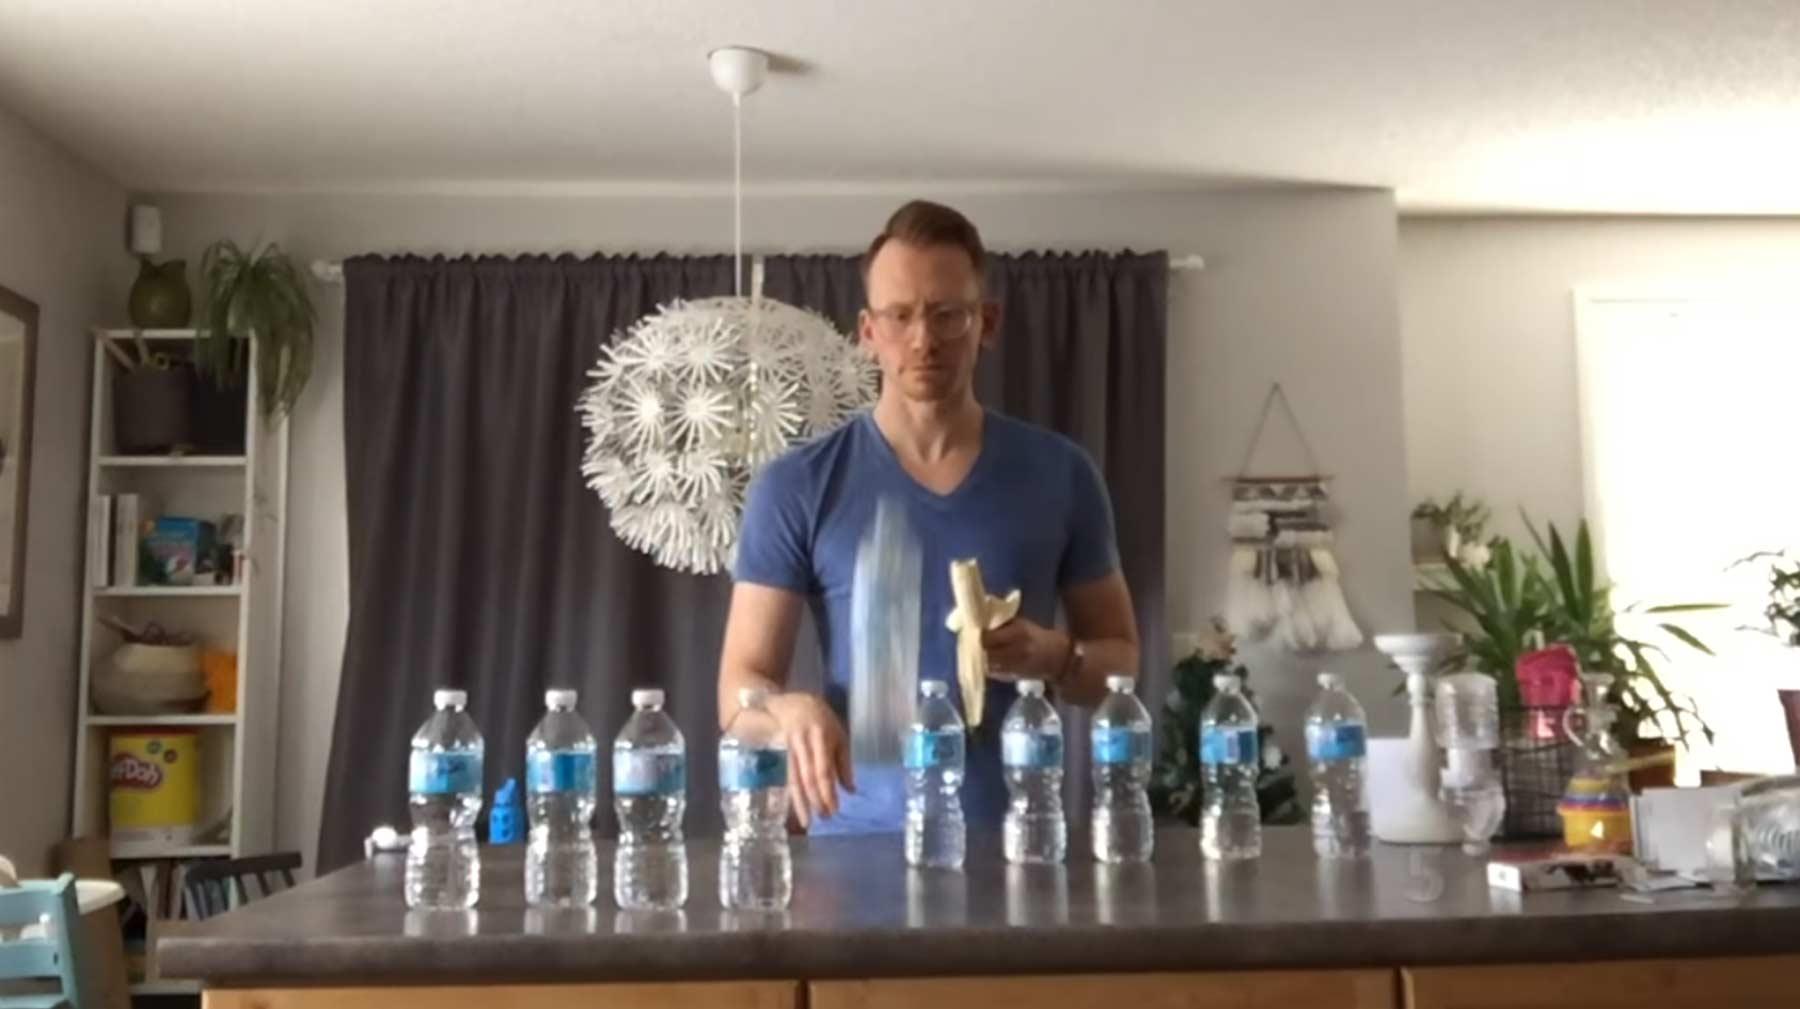 Lehrer verbot Bottle-Flipping und überrascht mit eigenen Tricks